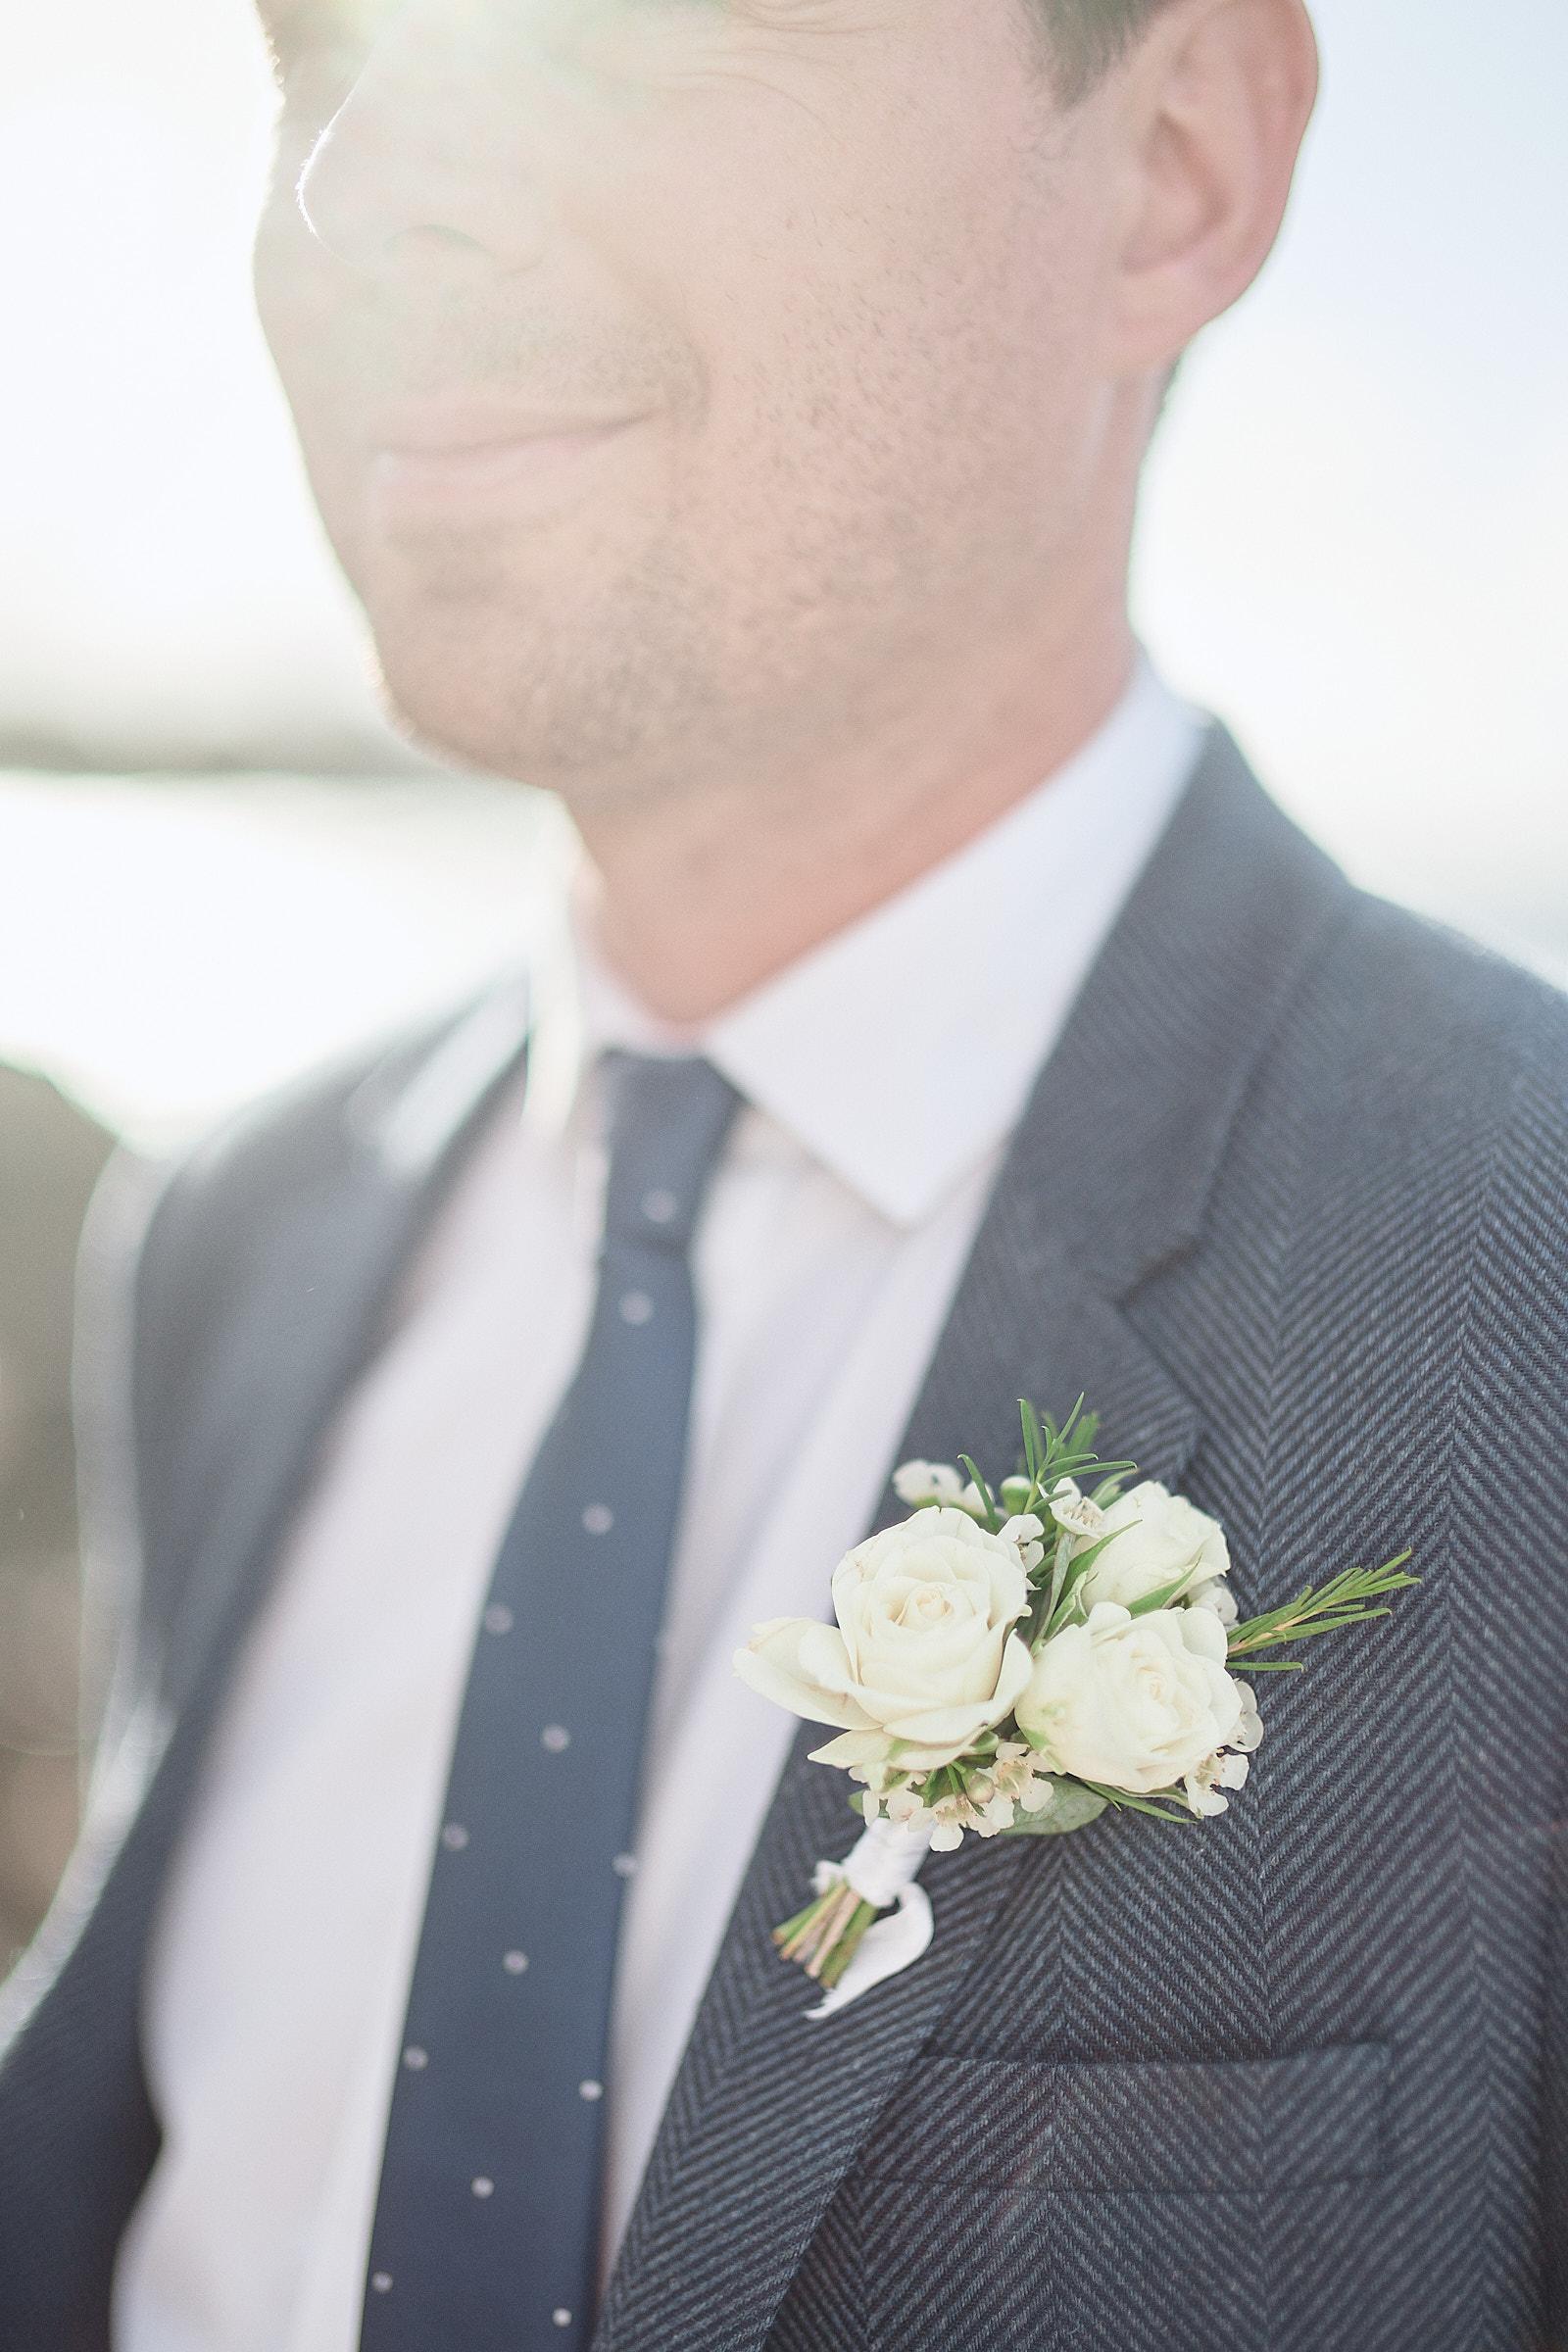 détail de la boutonnière du marié